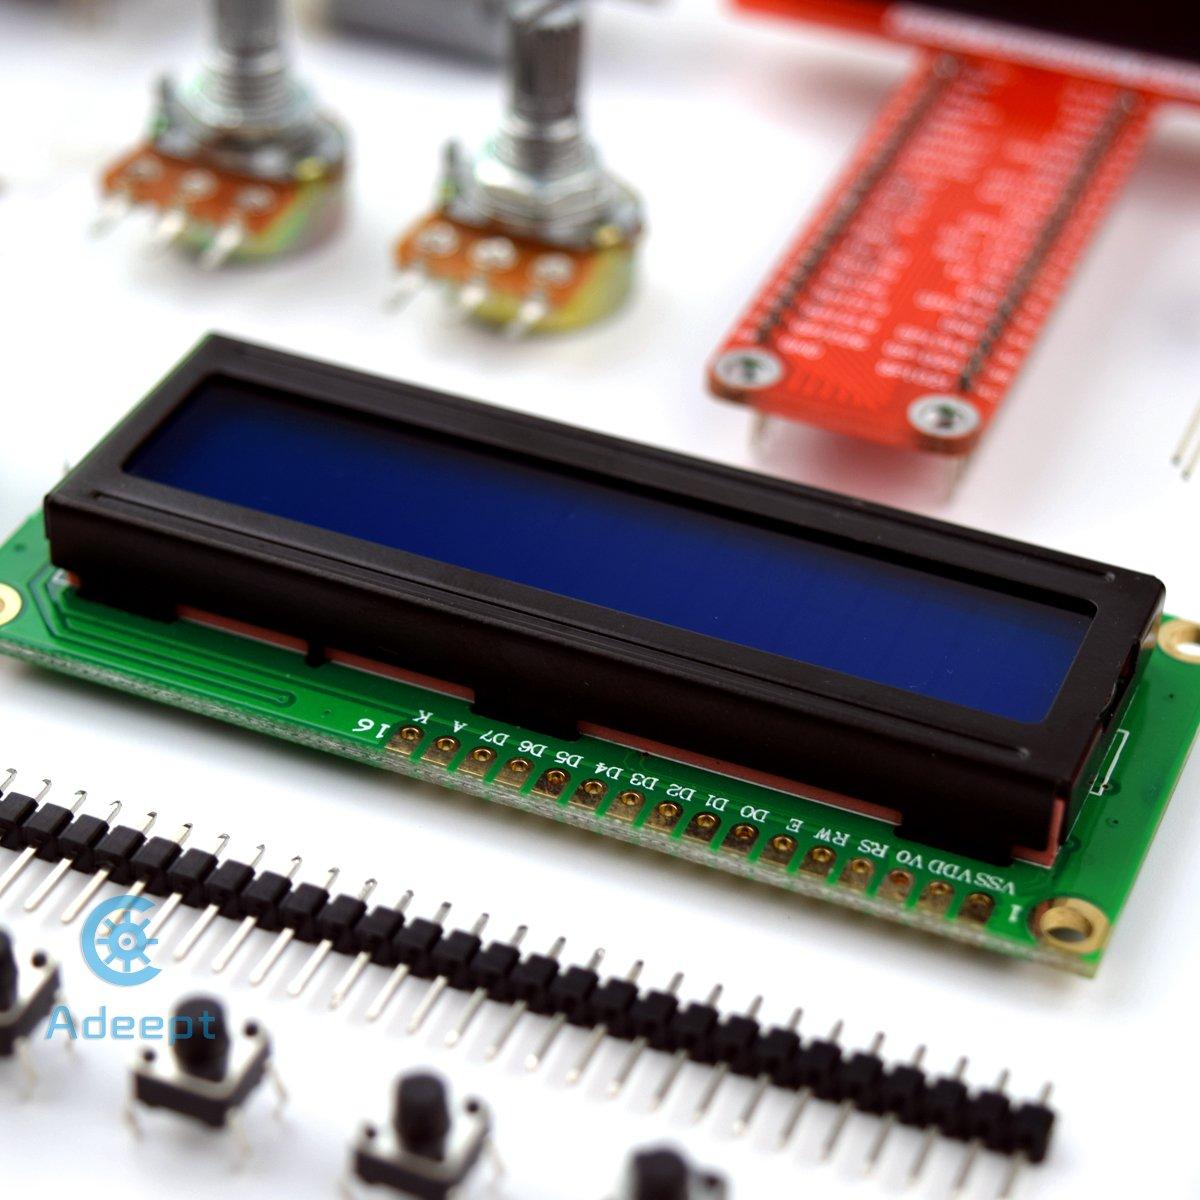 Adeept Super Starter Kit For Raspberry Pi 3 2 Model B Lcd1602 Wiringpi Servo